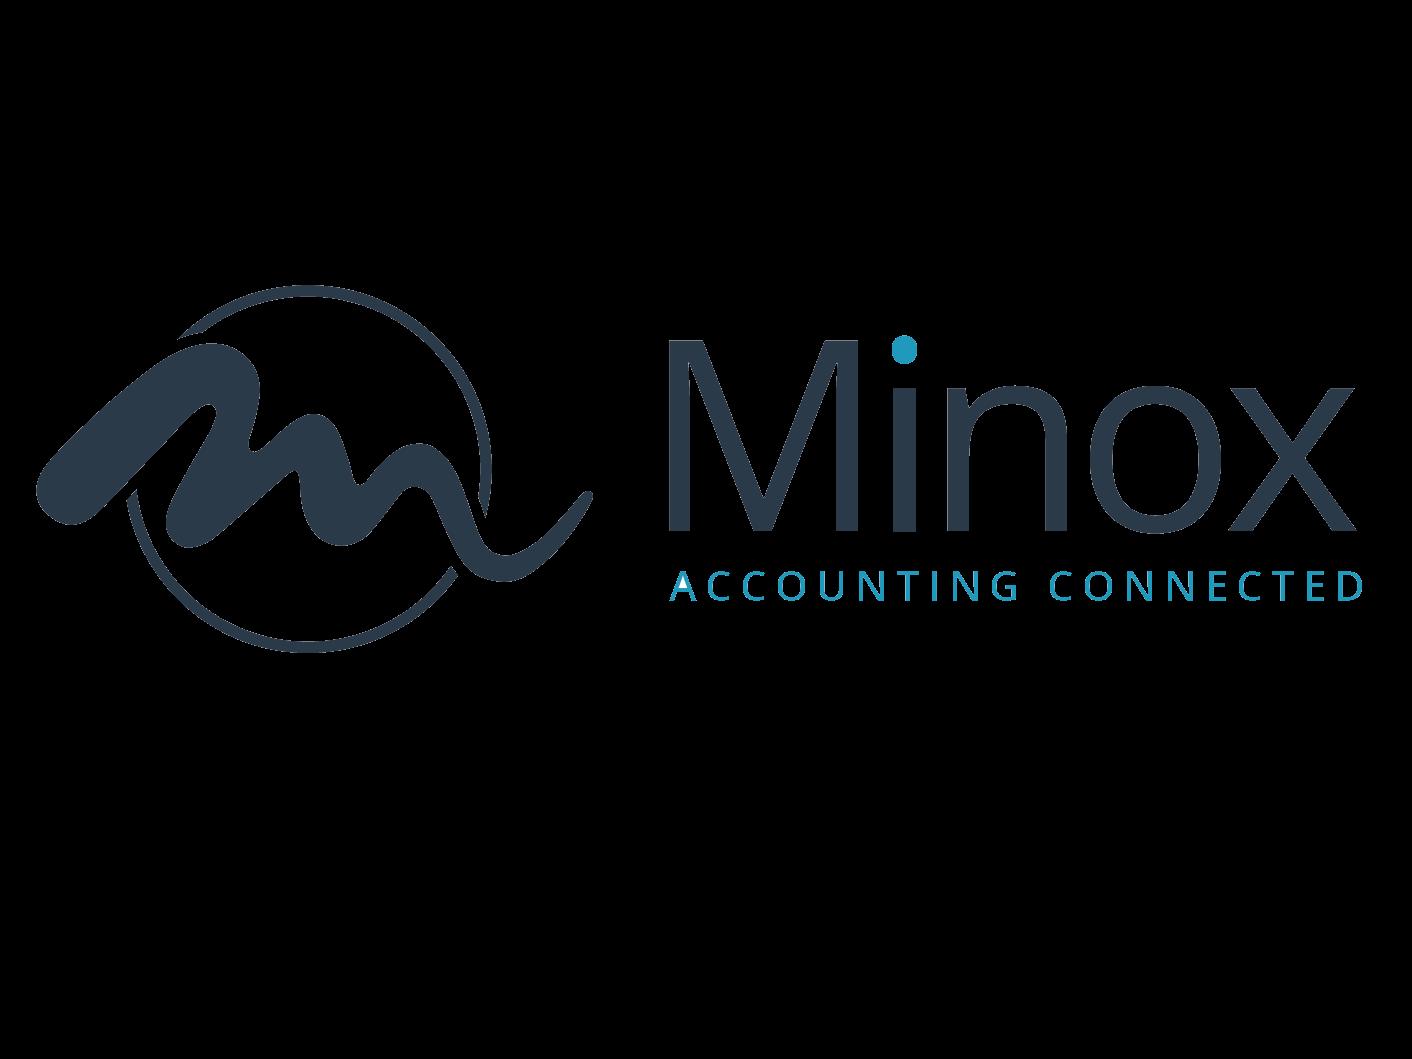 Minox Xtra voor professionele accountants- en administratiekantoren